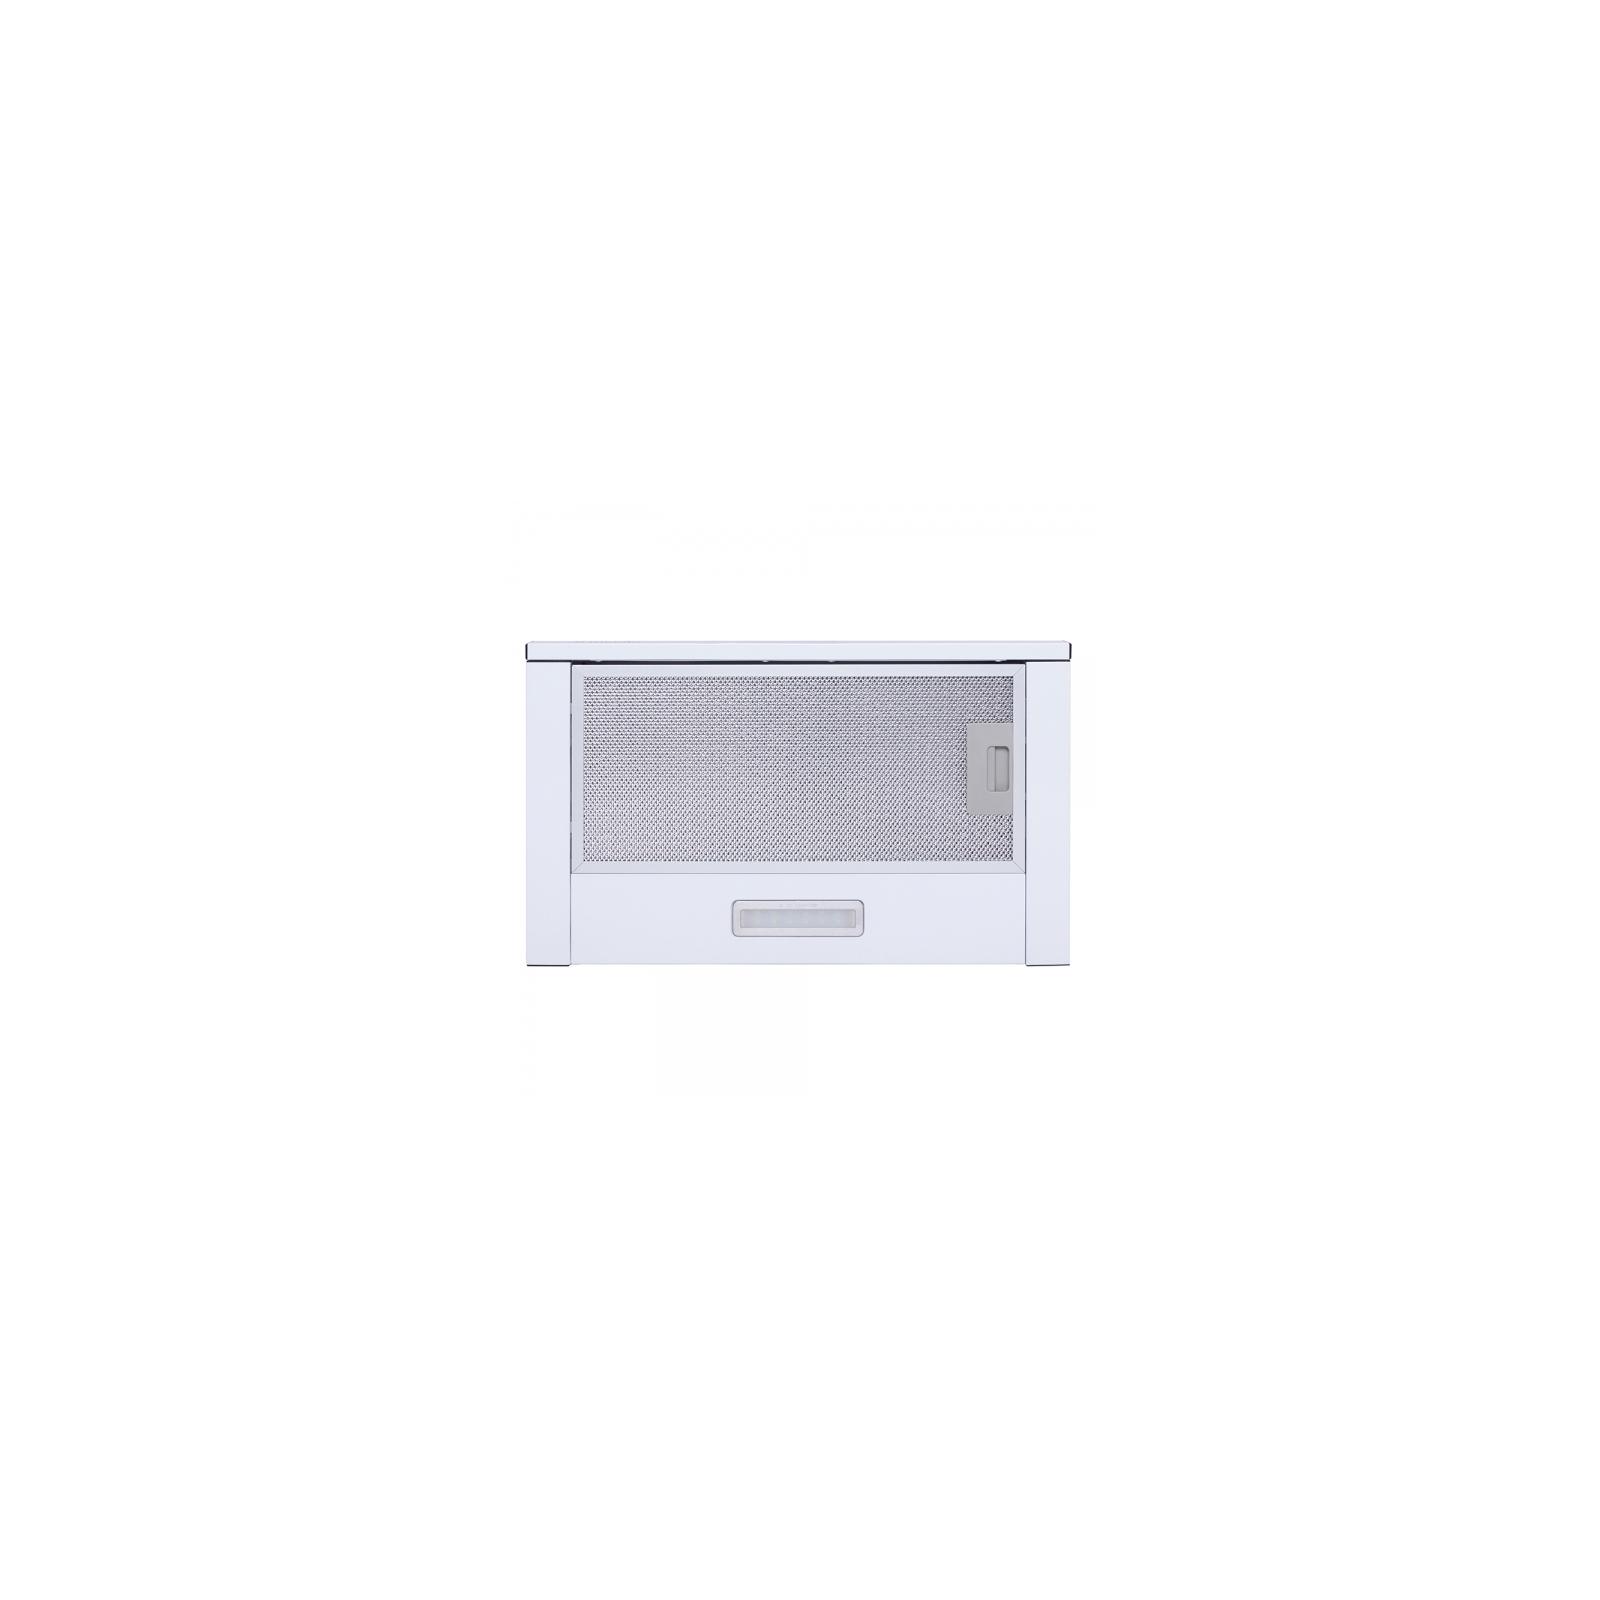 Вытяжка кухонная Minola HTL 5314 WH 750 LED изображение 3